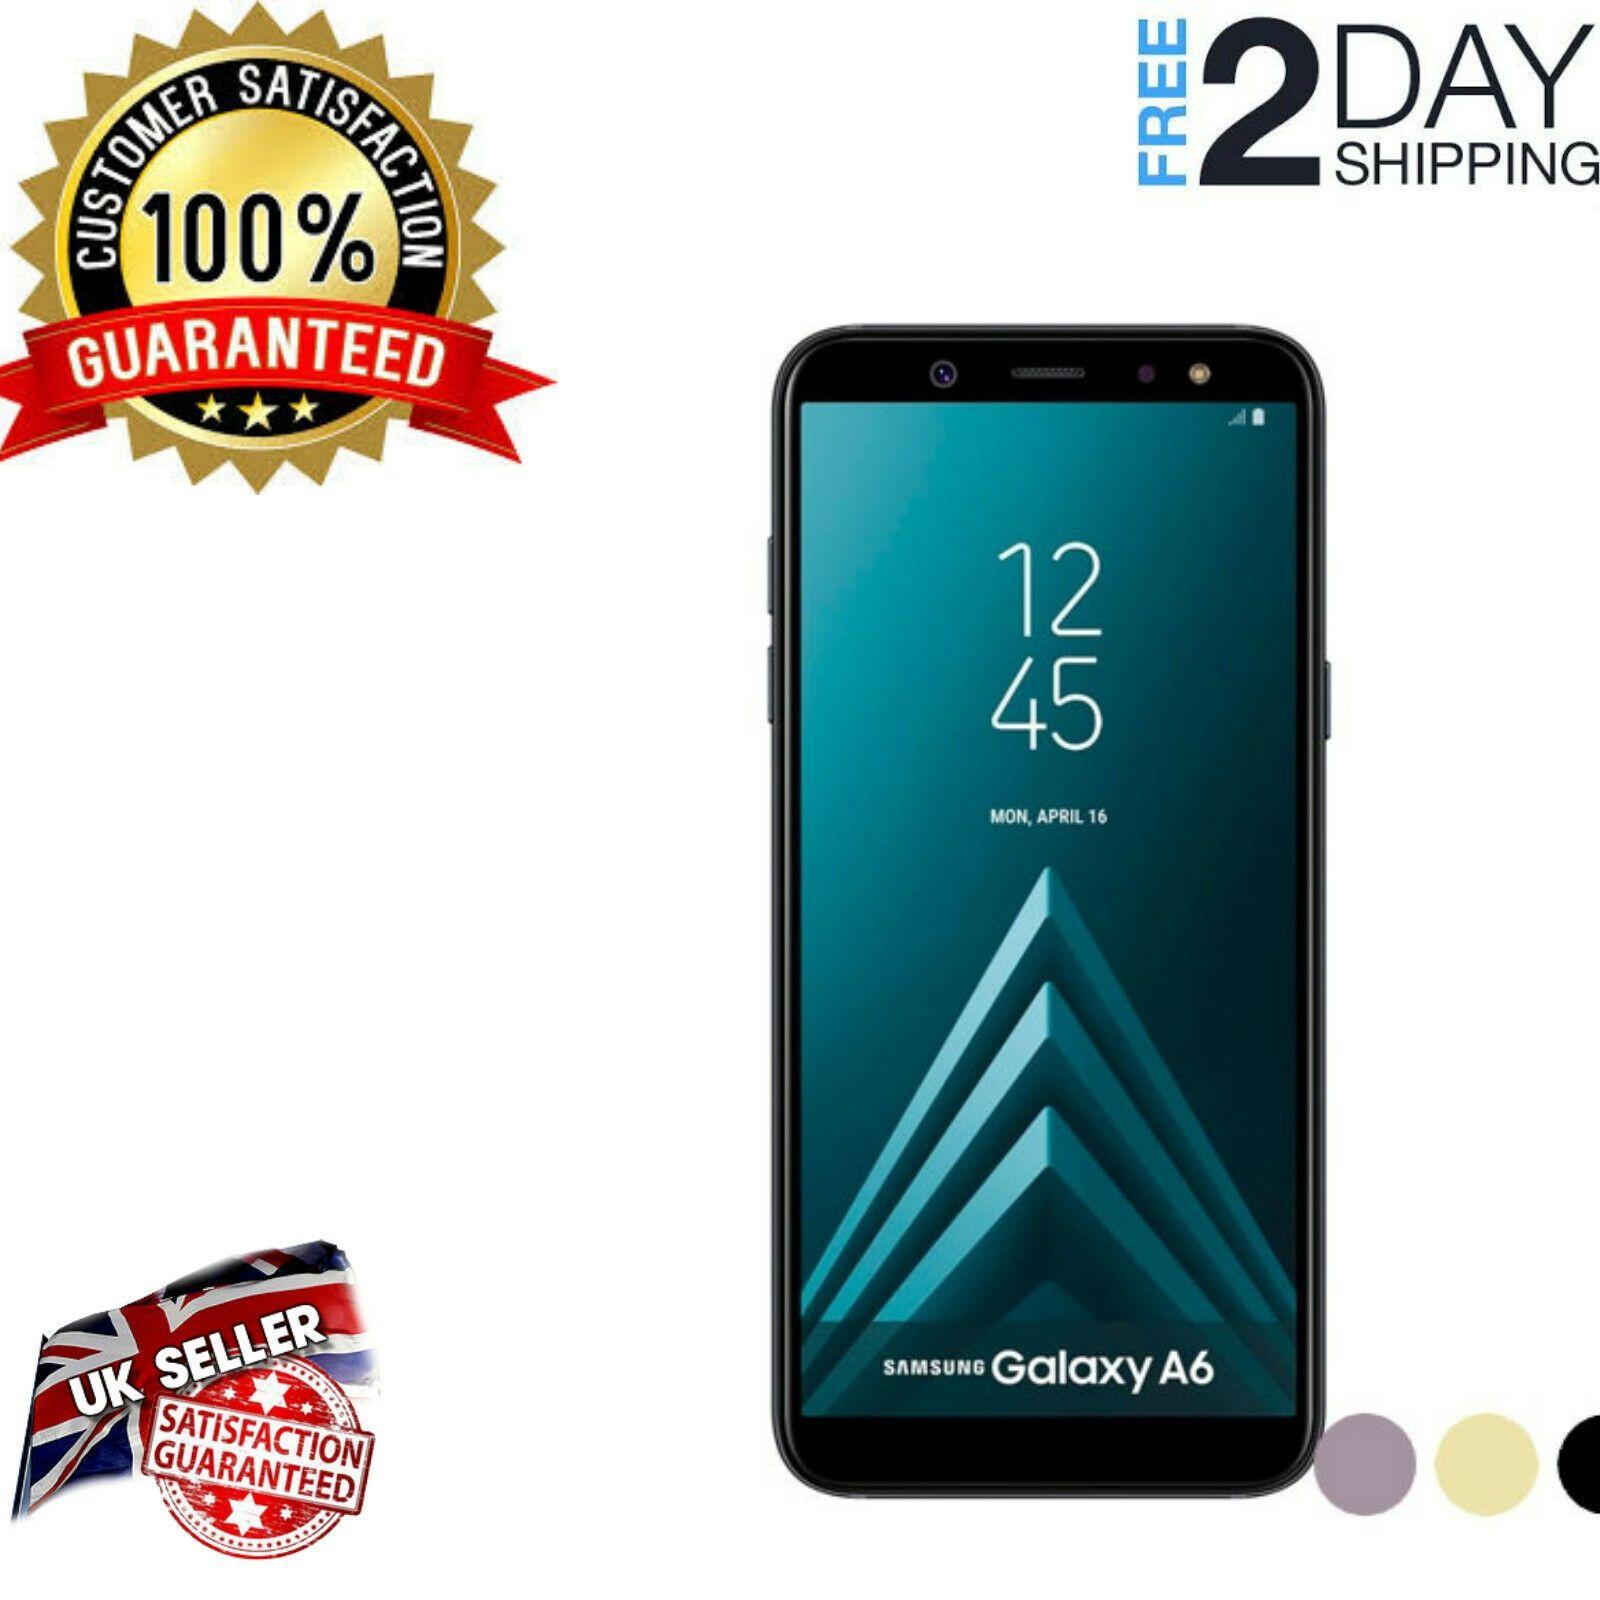 New Samsung Galaxy A7 Duo Dual 32gb 3gb Ram 16mp Camera 8801643326890 Ebay New Samsung Galaxy Samsung Dual Sim